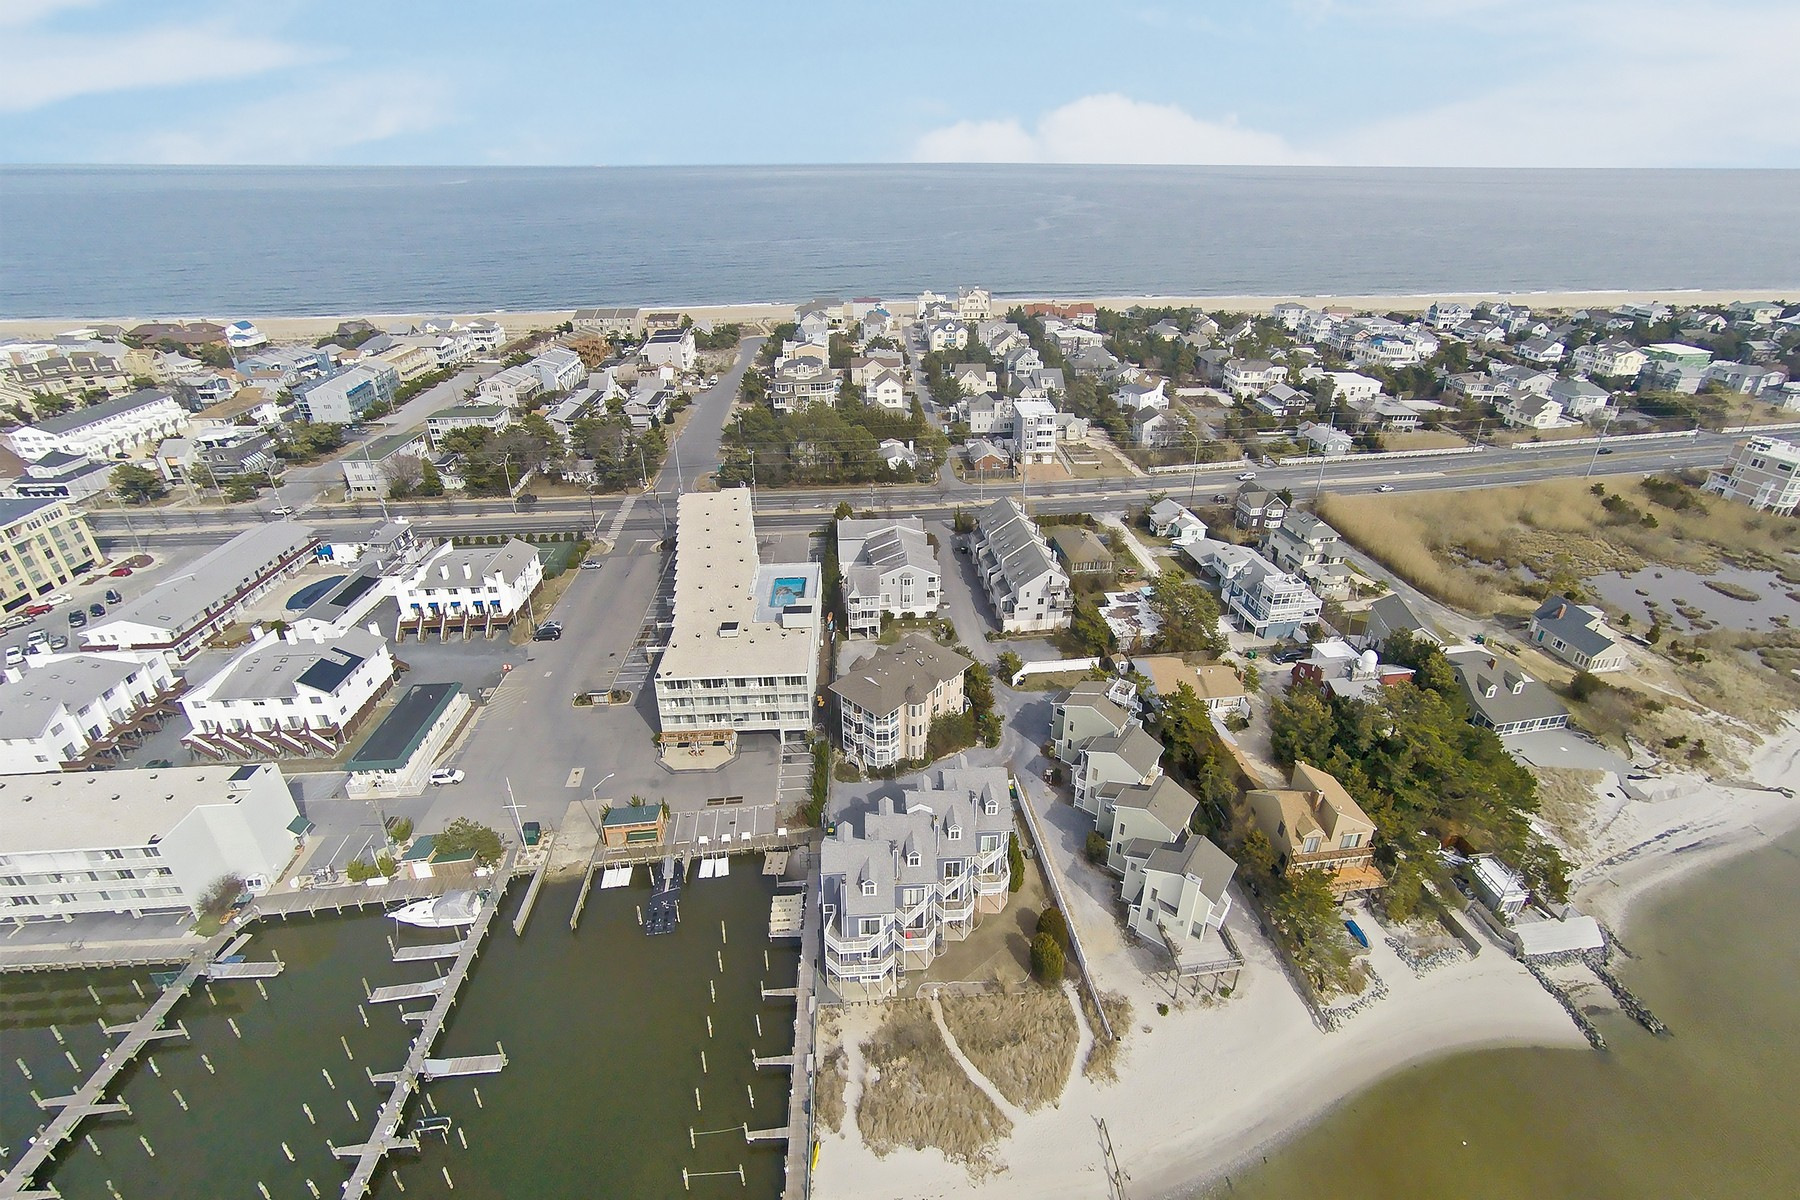 شقة بعمارة للـ Sale في 1113 Anchor Way , 1113, Dewey Beach, DE 19971 1113 Anchor Way 1113, Dewey Beach, Delaware, 19971 United States